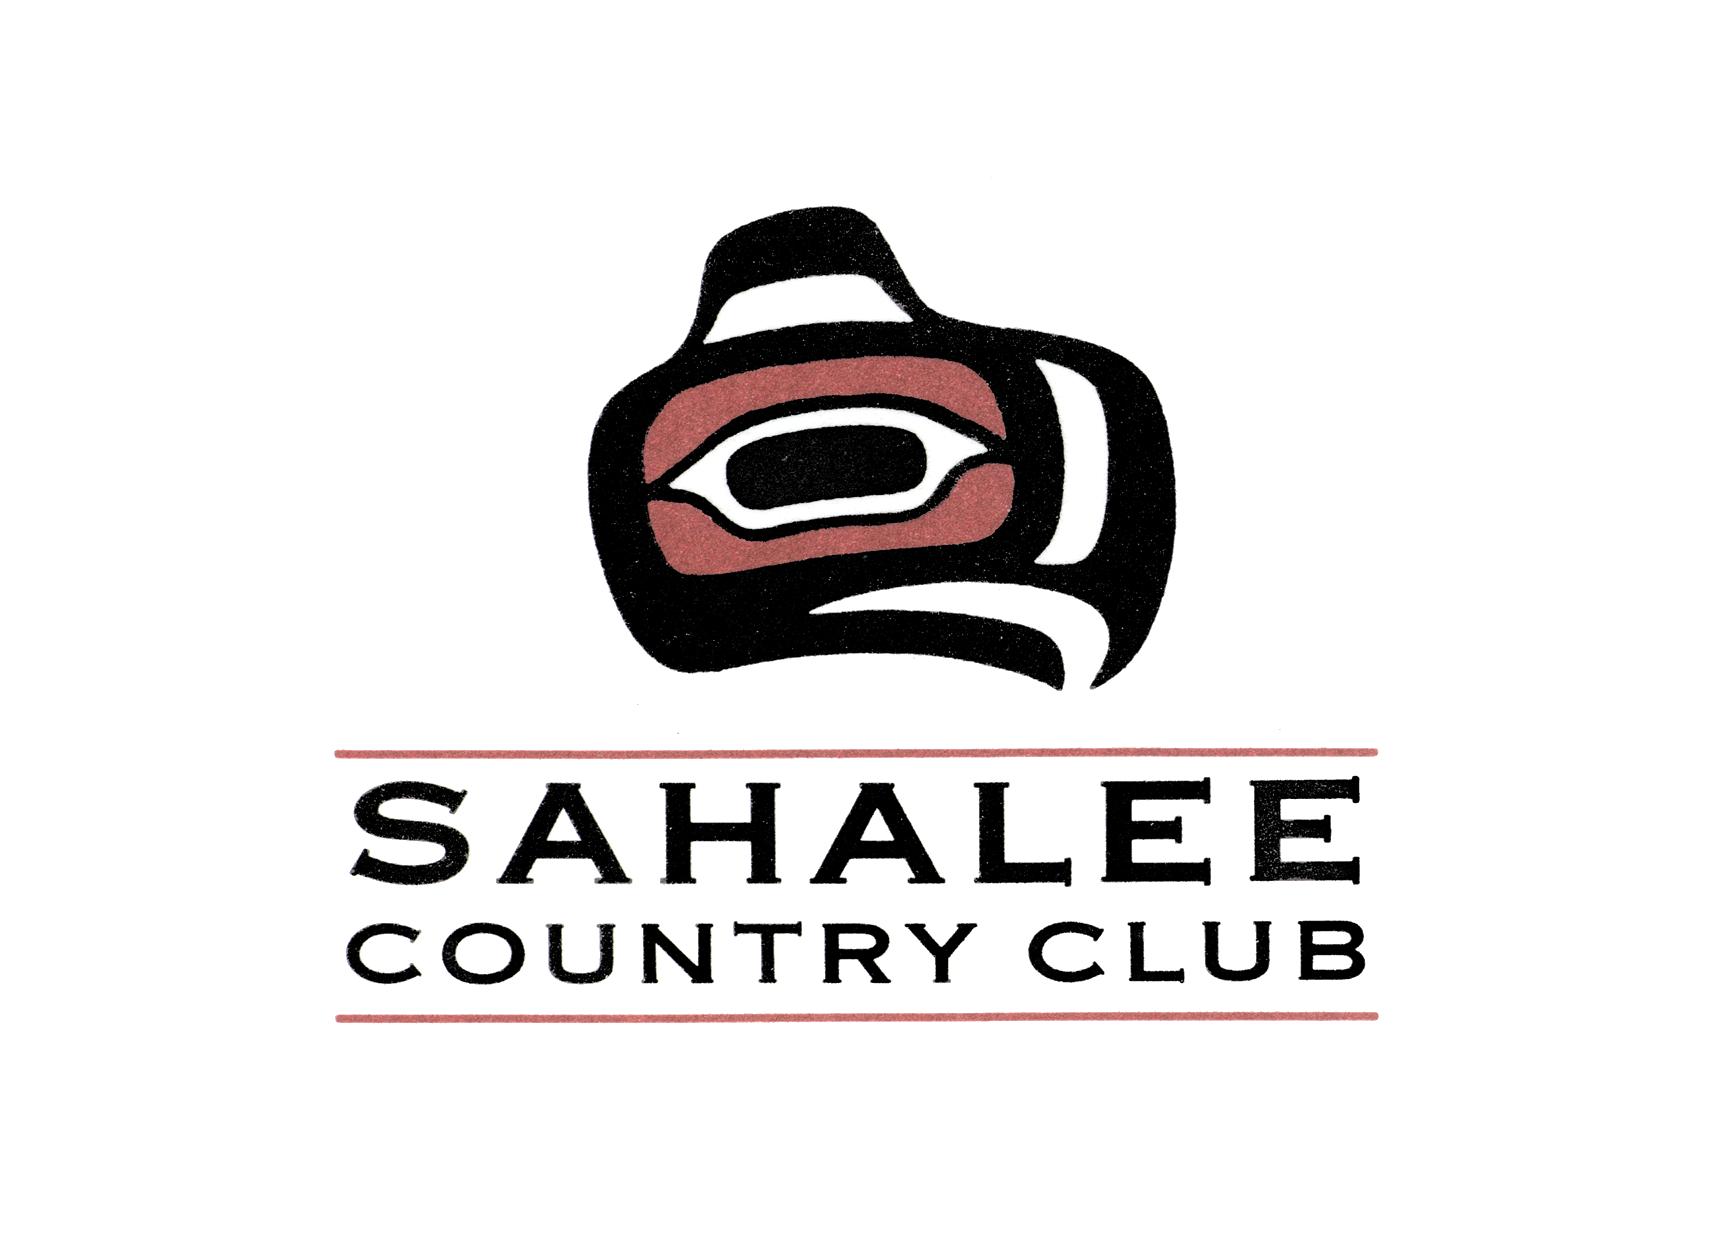 Sahalee Country Club